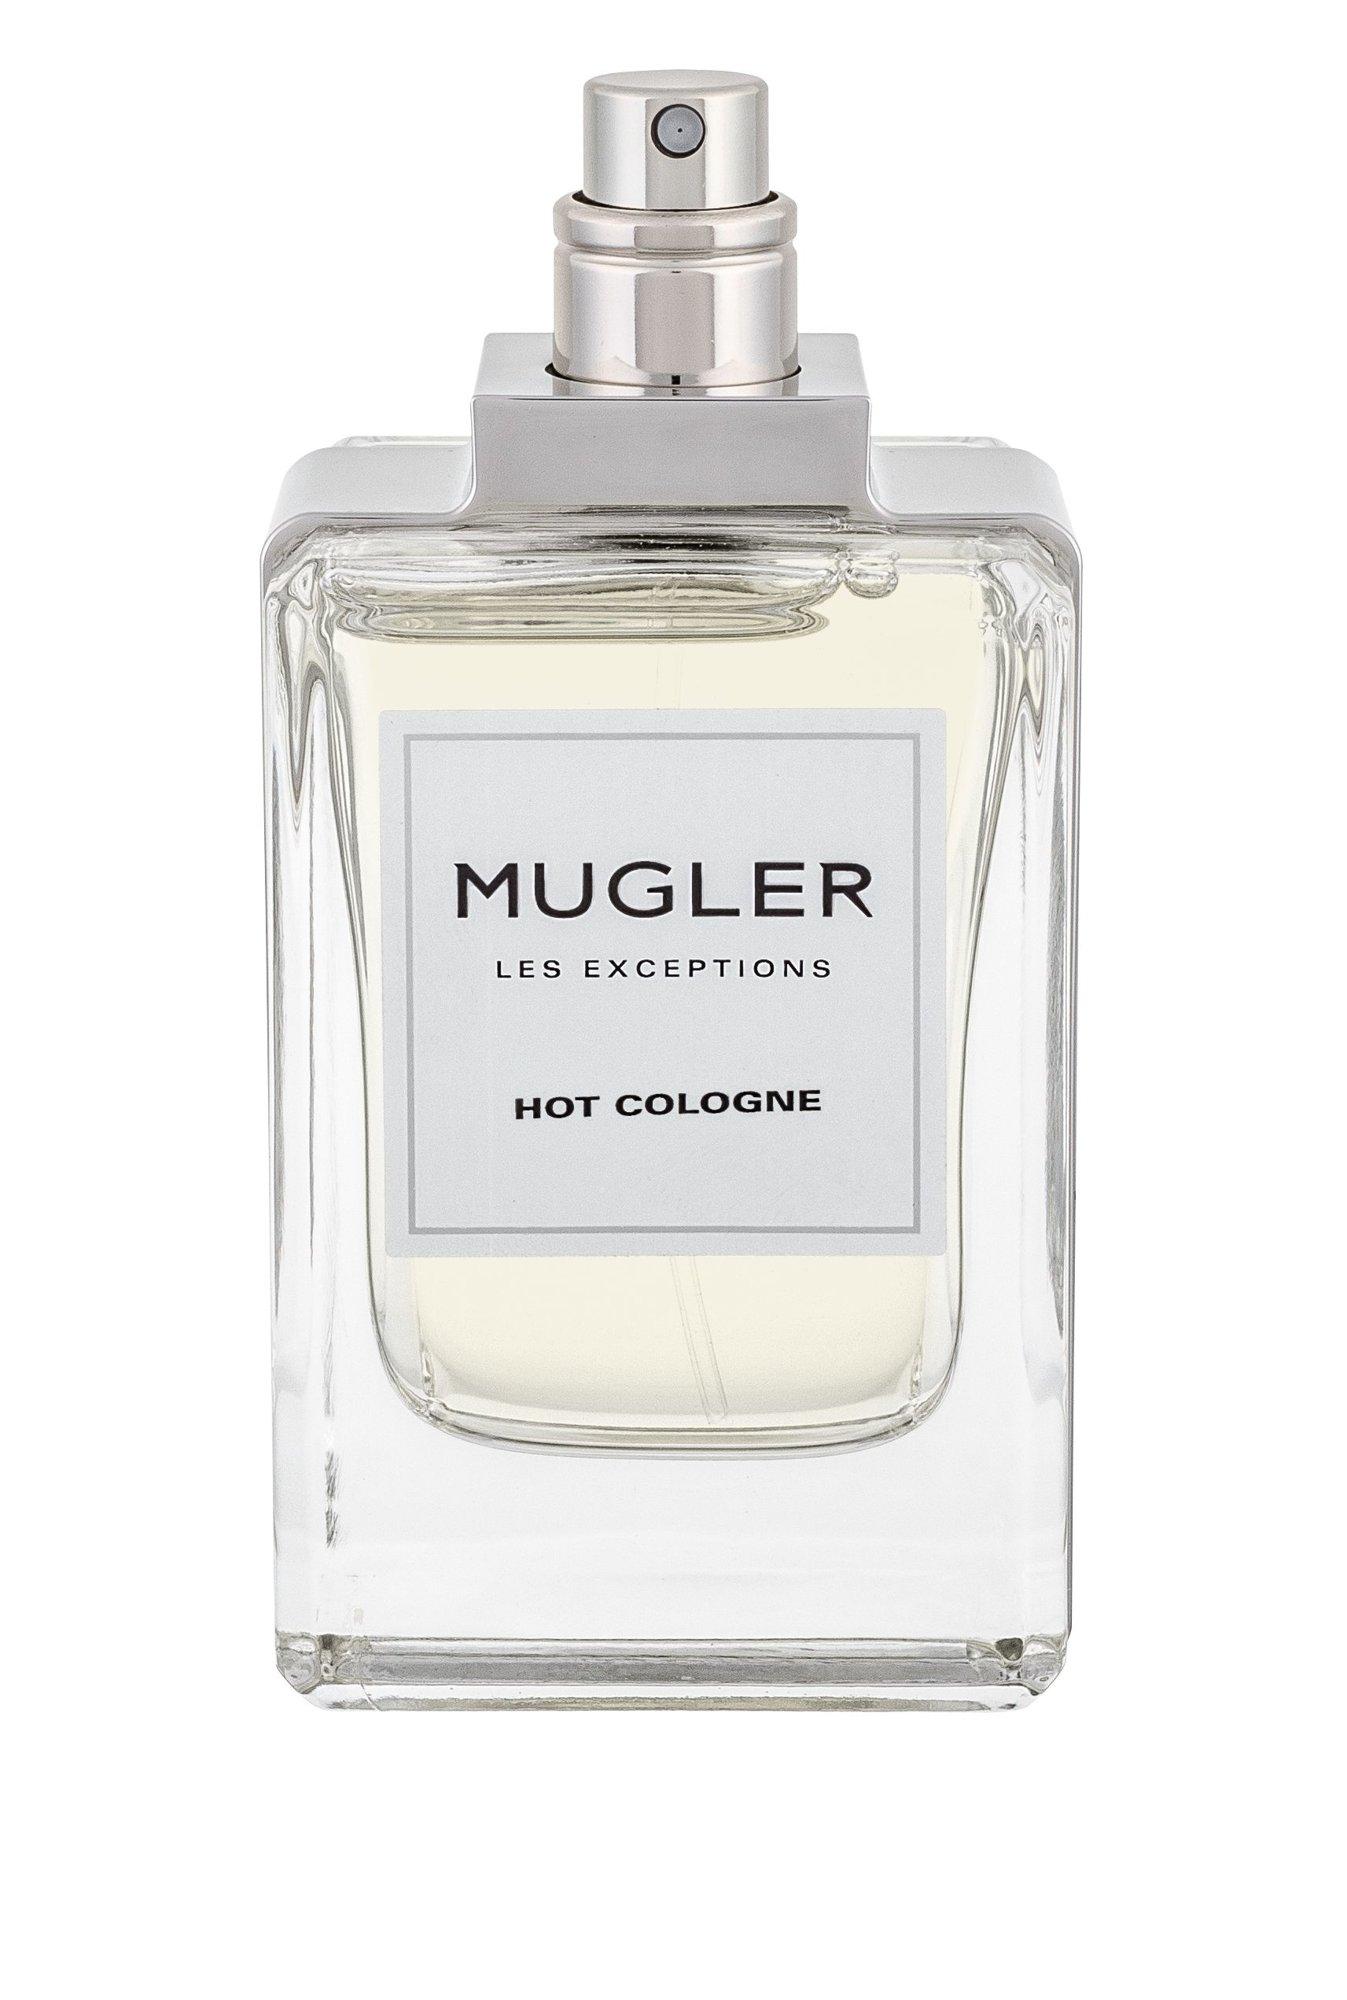 Thierry Mugler Les Exceptions Hot Cologne Eau de Parfum 80ml